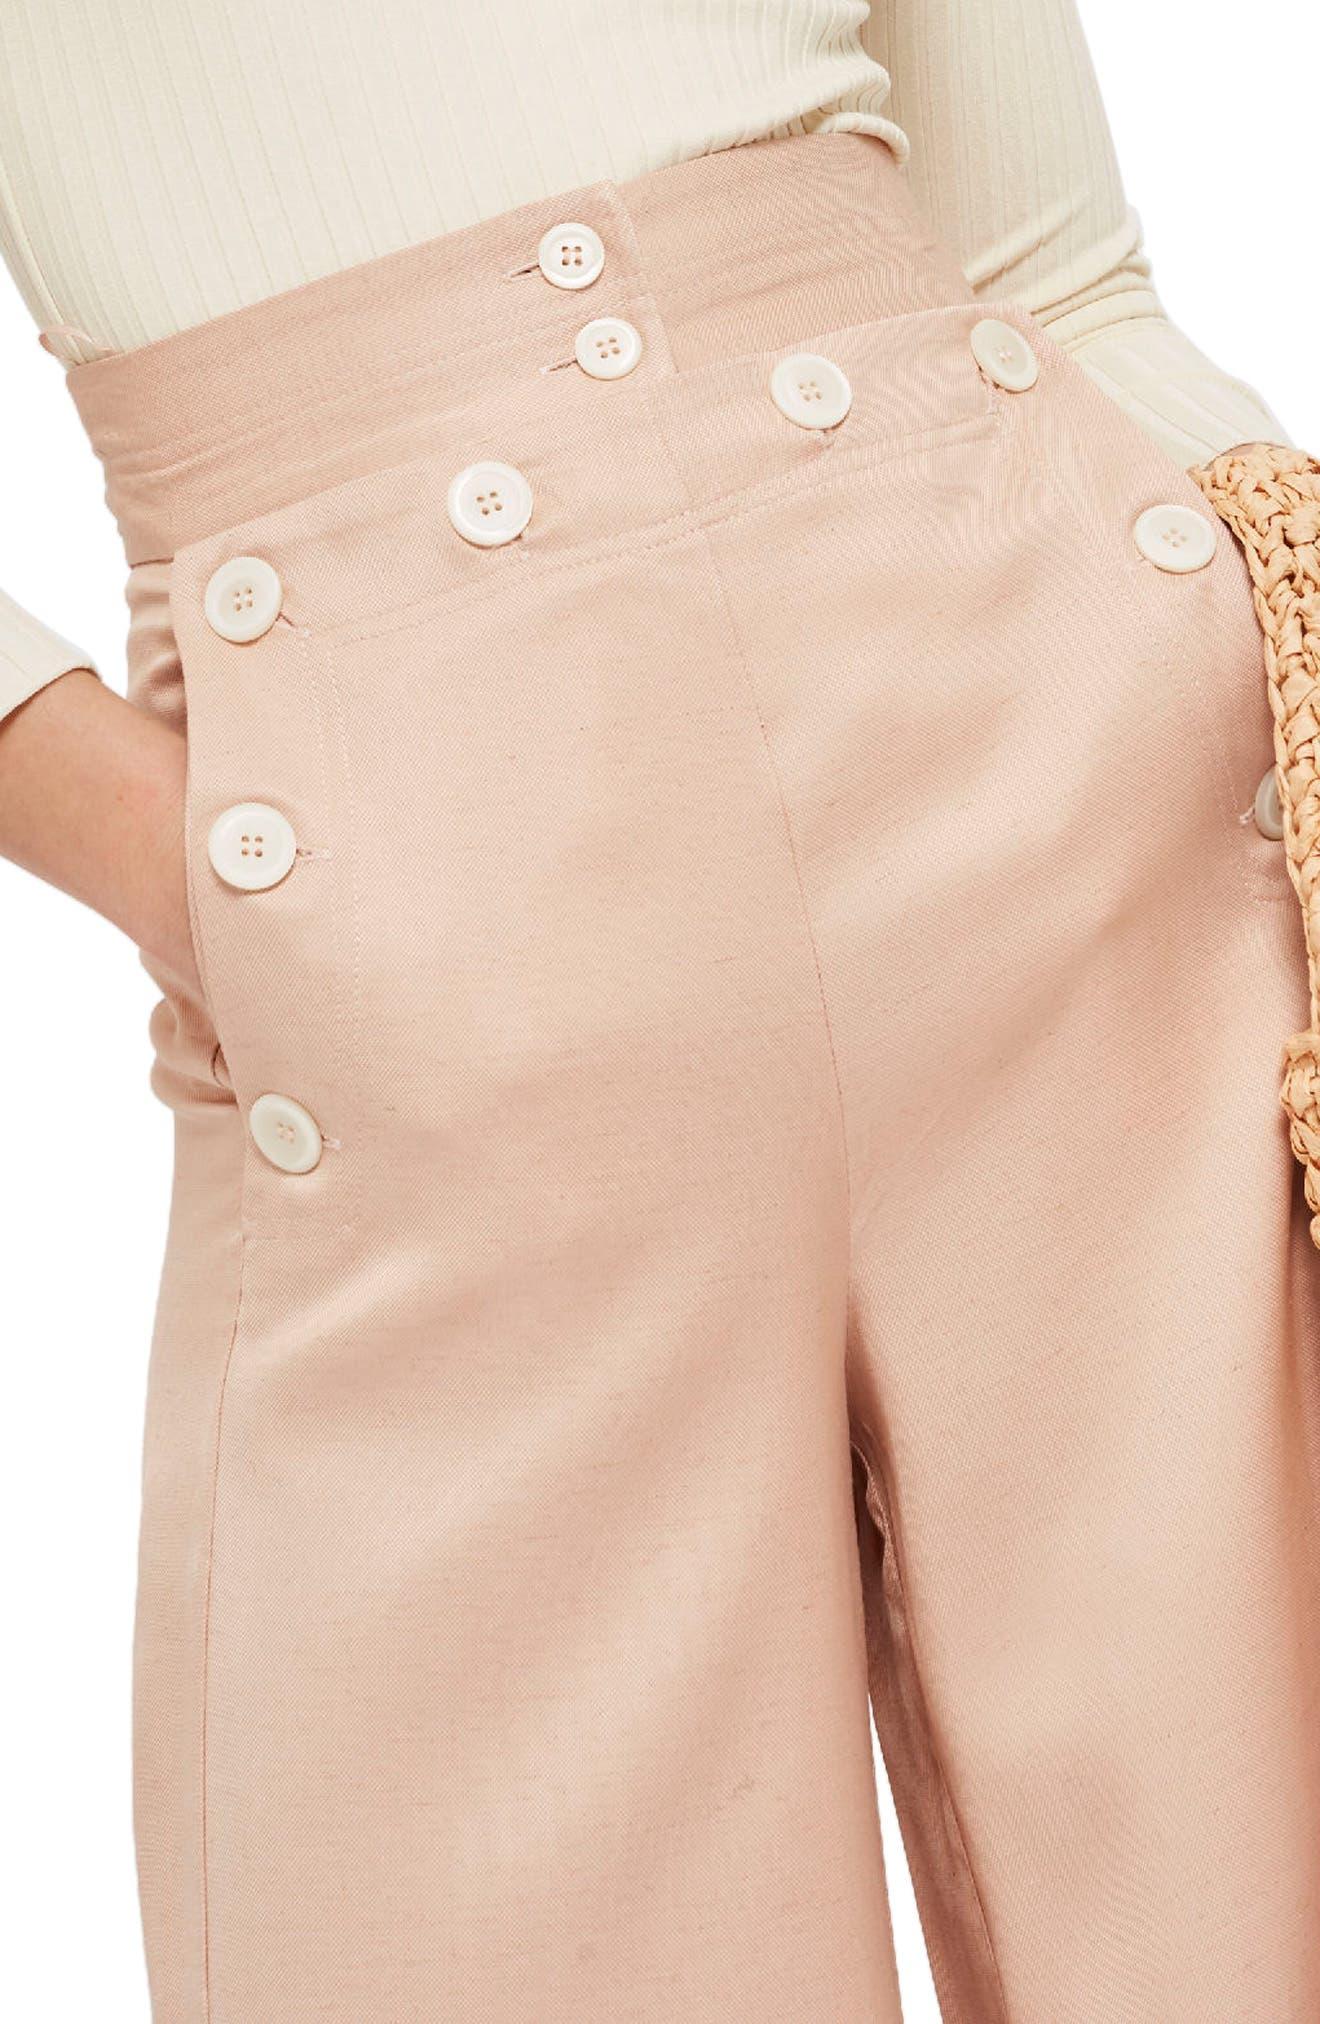 Wide Leg Sailor Trousers,                             Alternate thumbnail 3, color,                             Pink